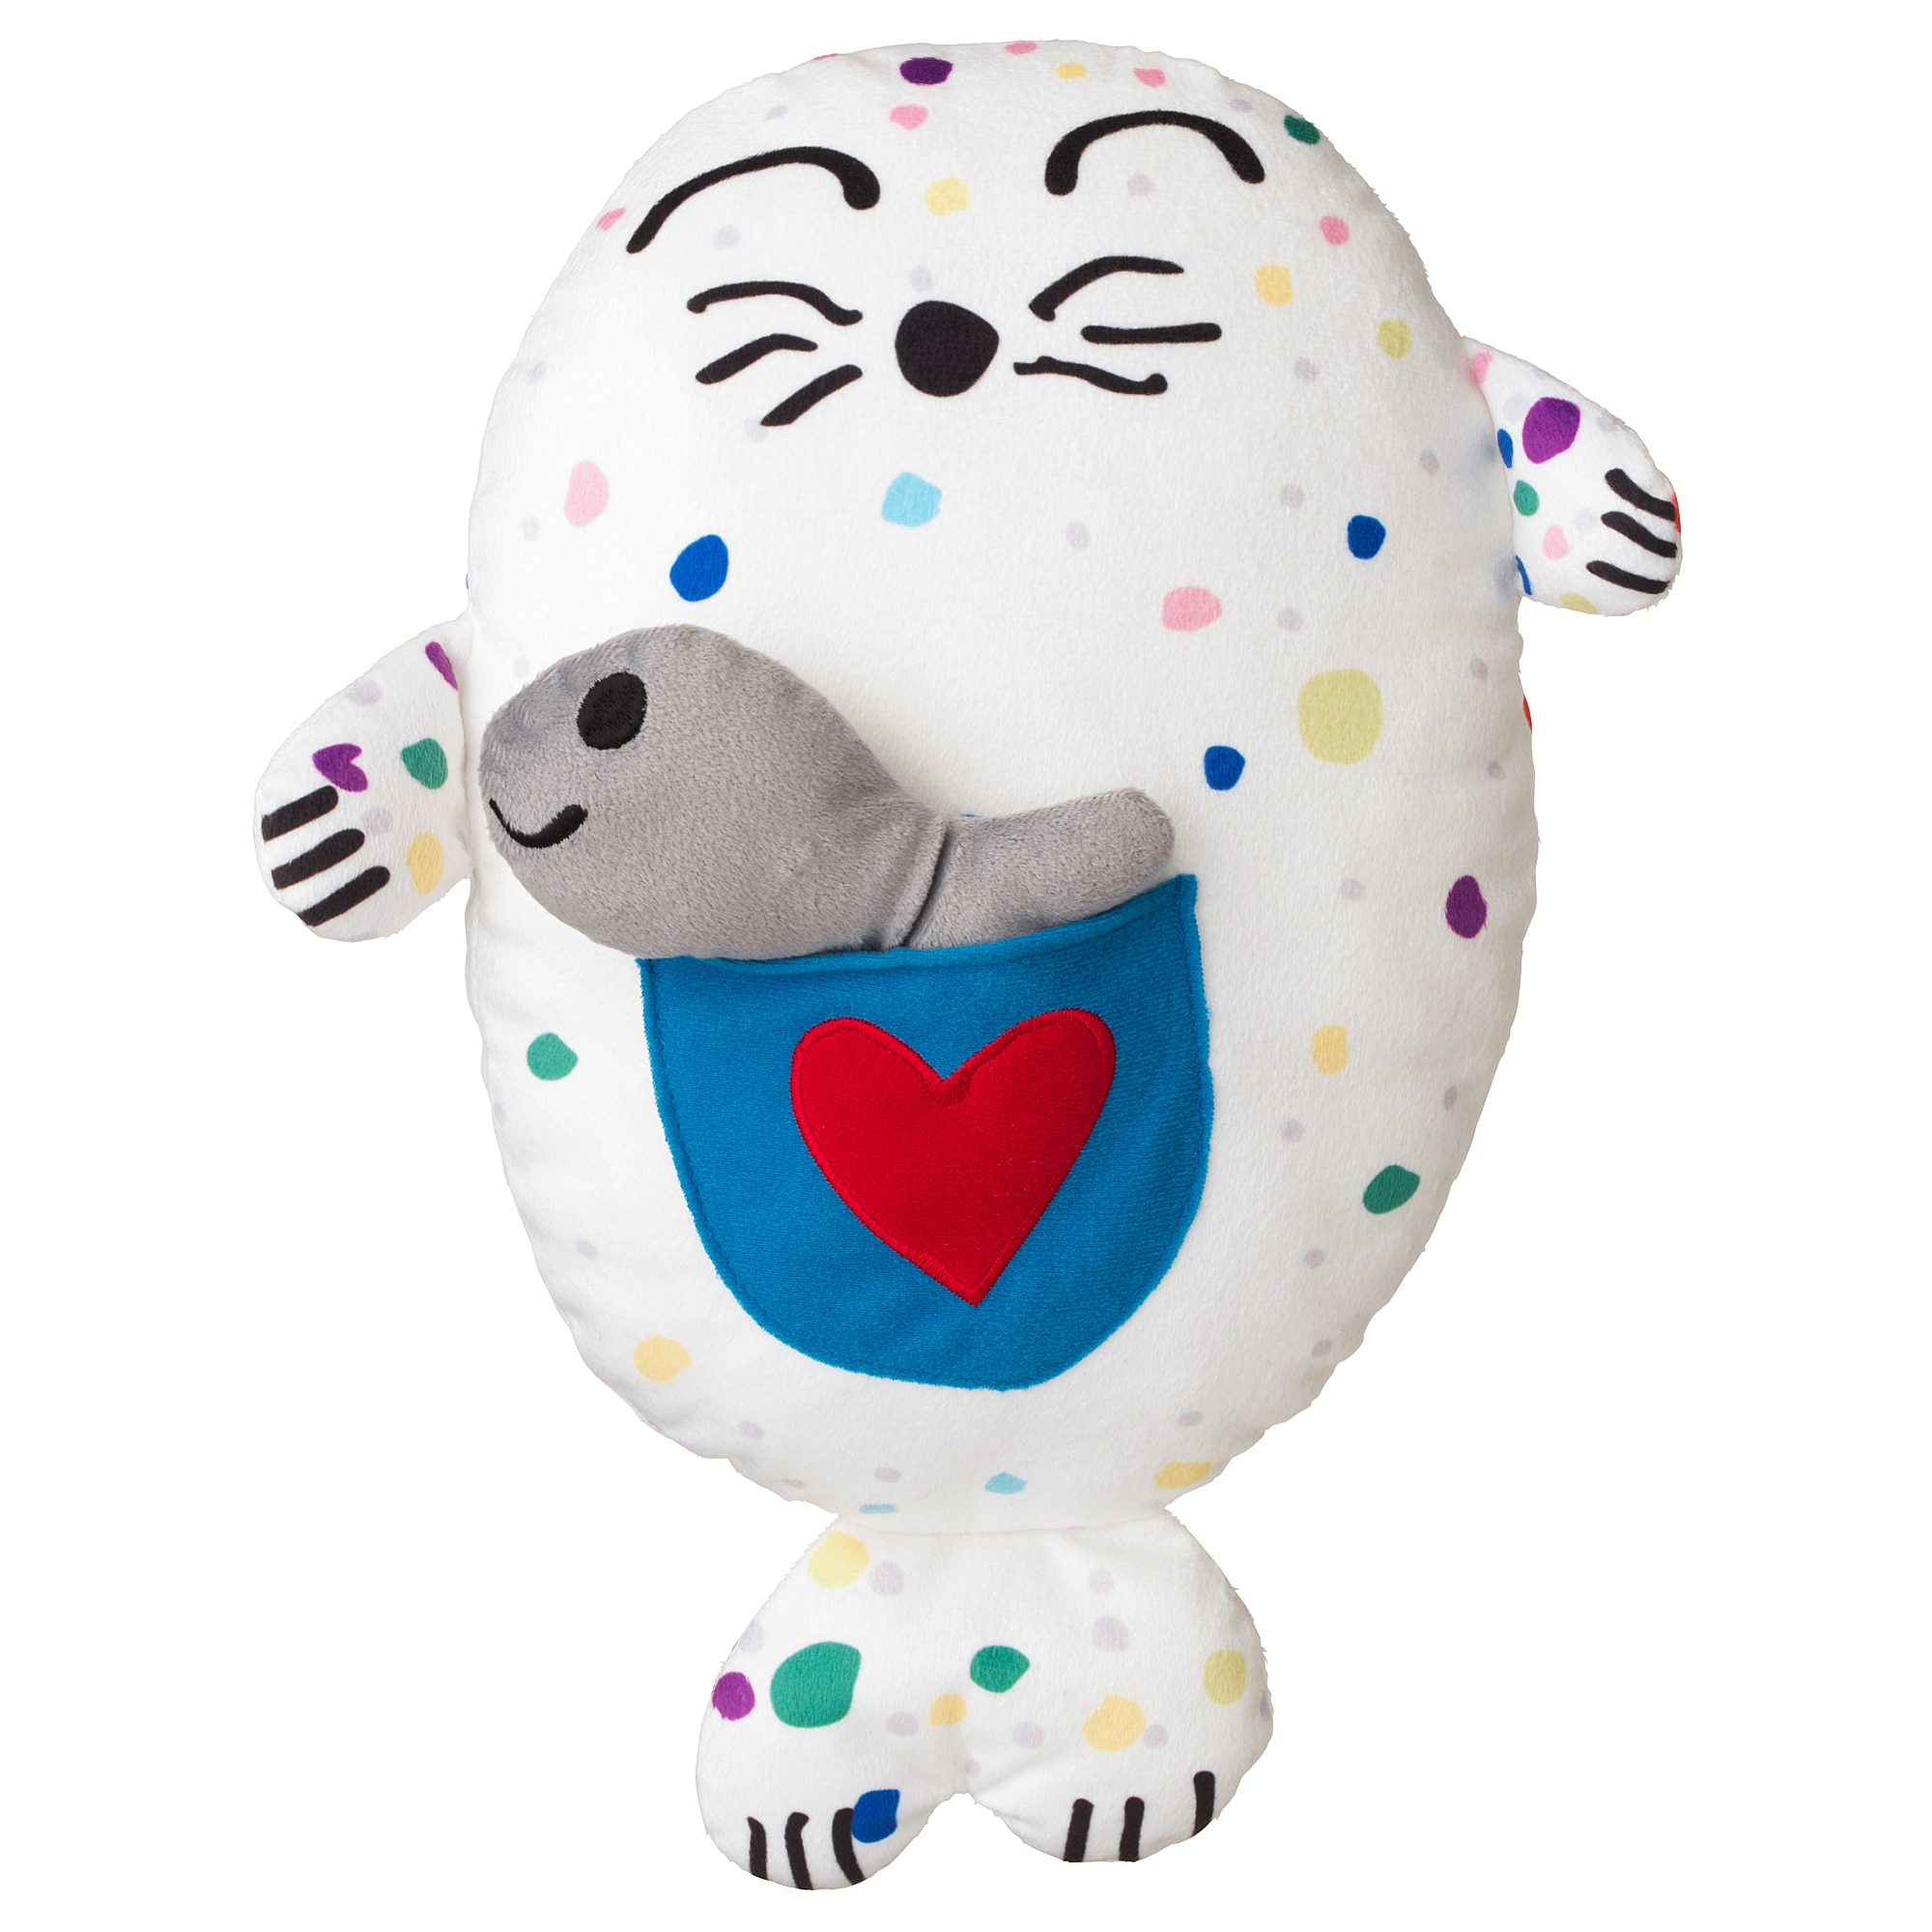 Мягкая игрушка САГОСКАТТ артикуль № 304.093.56 в наличии. Онлайн сайт ИКЕА Минск. Недорогая доставка и монтаж.